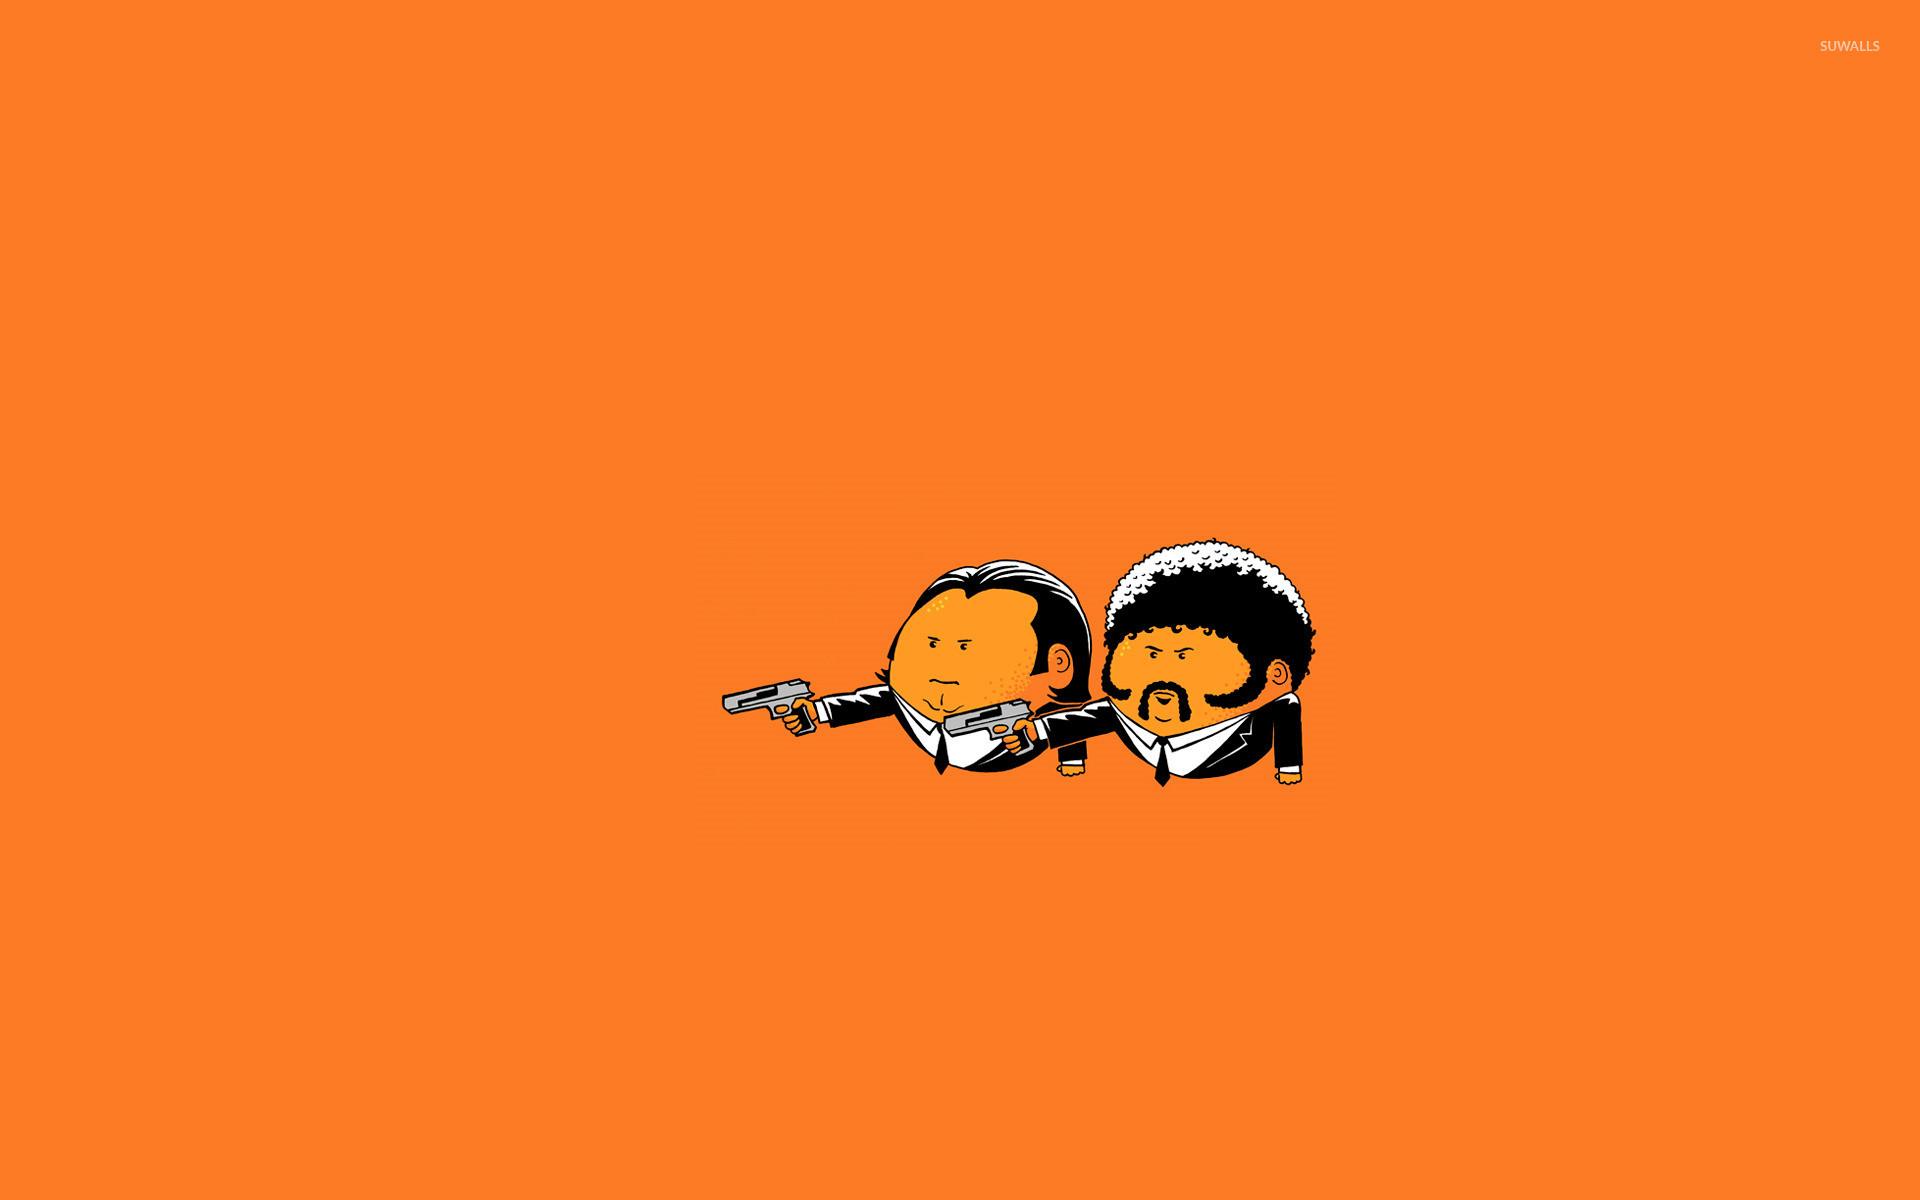 Pulp Fiction Oranges wallpaper